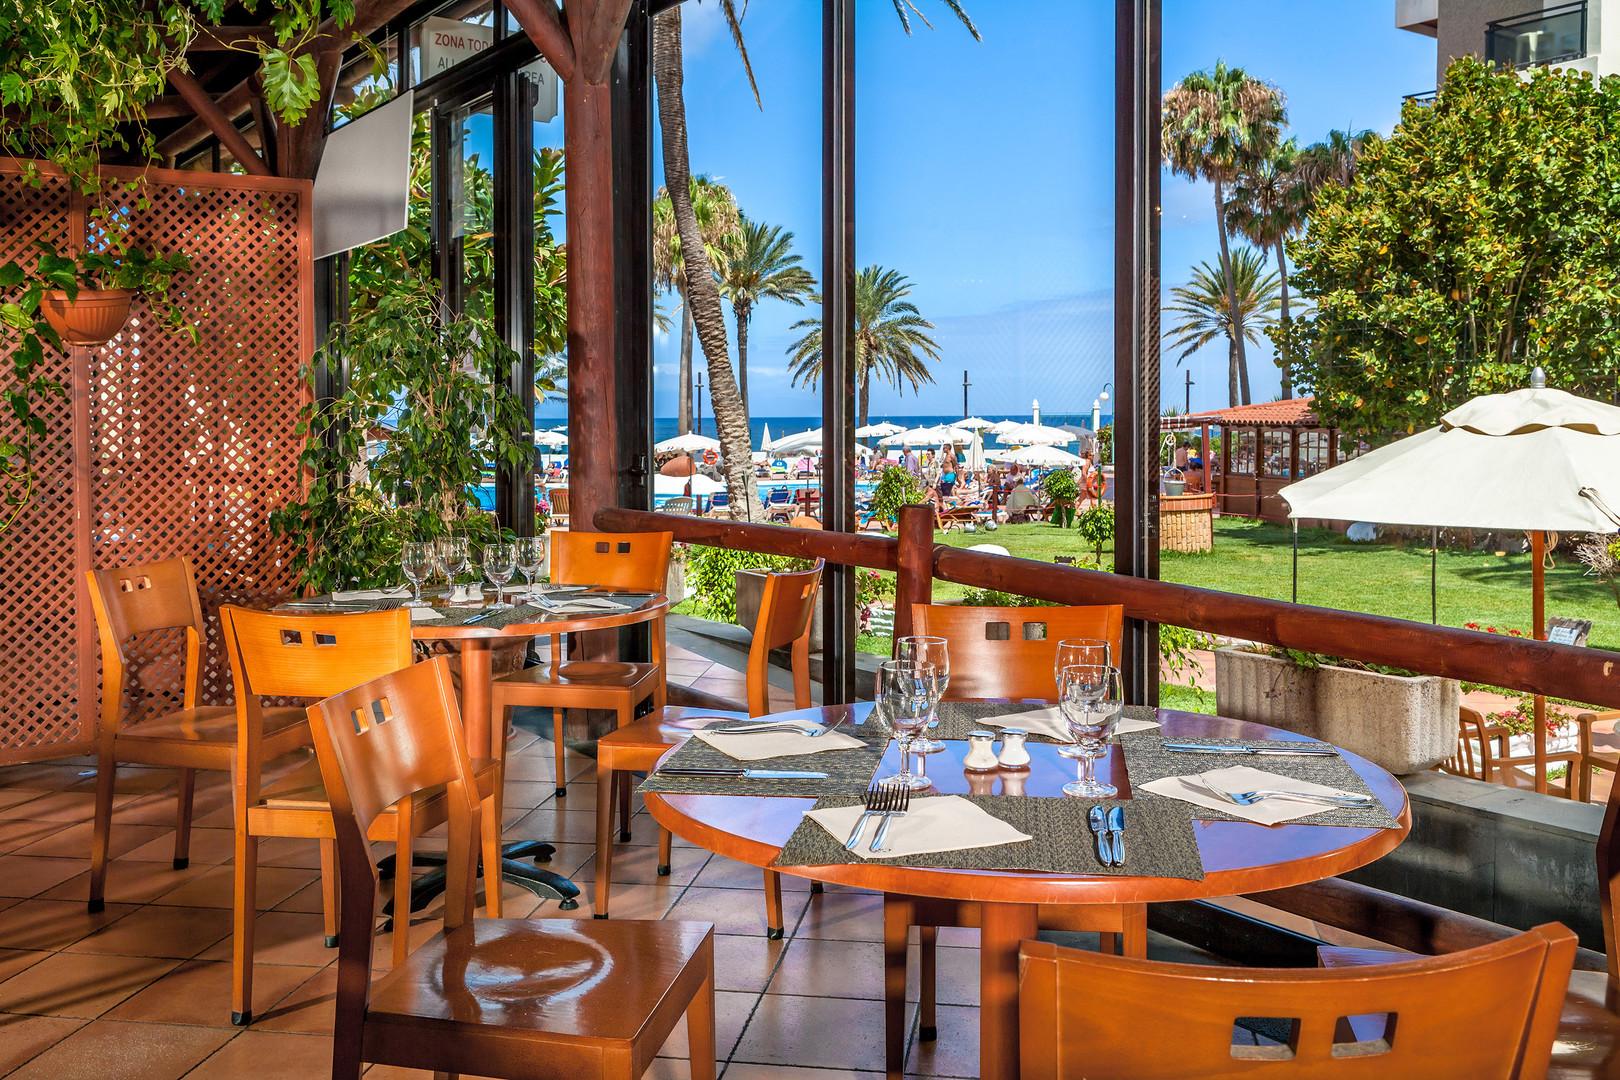 Hotel Sol Tenerife #5